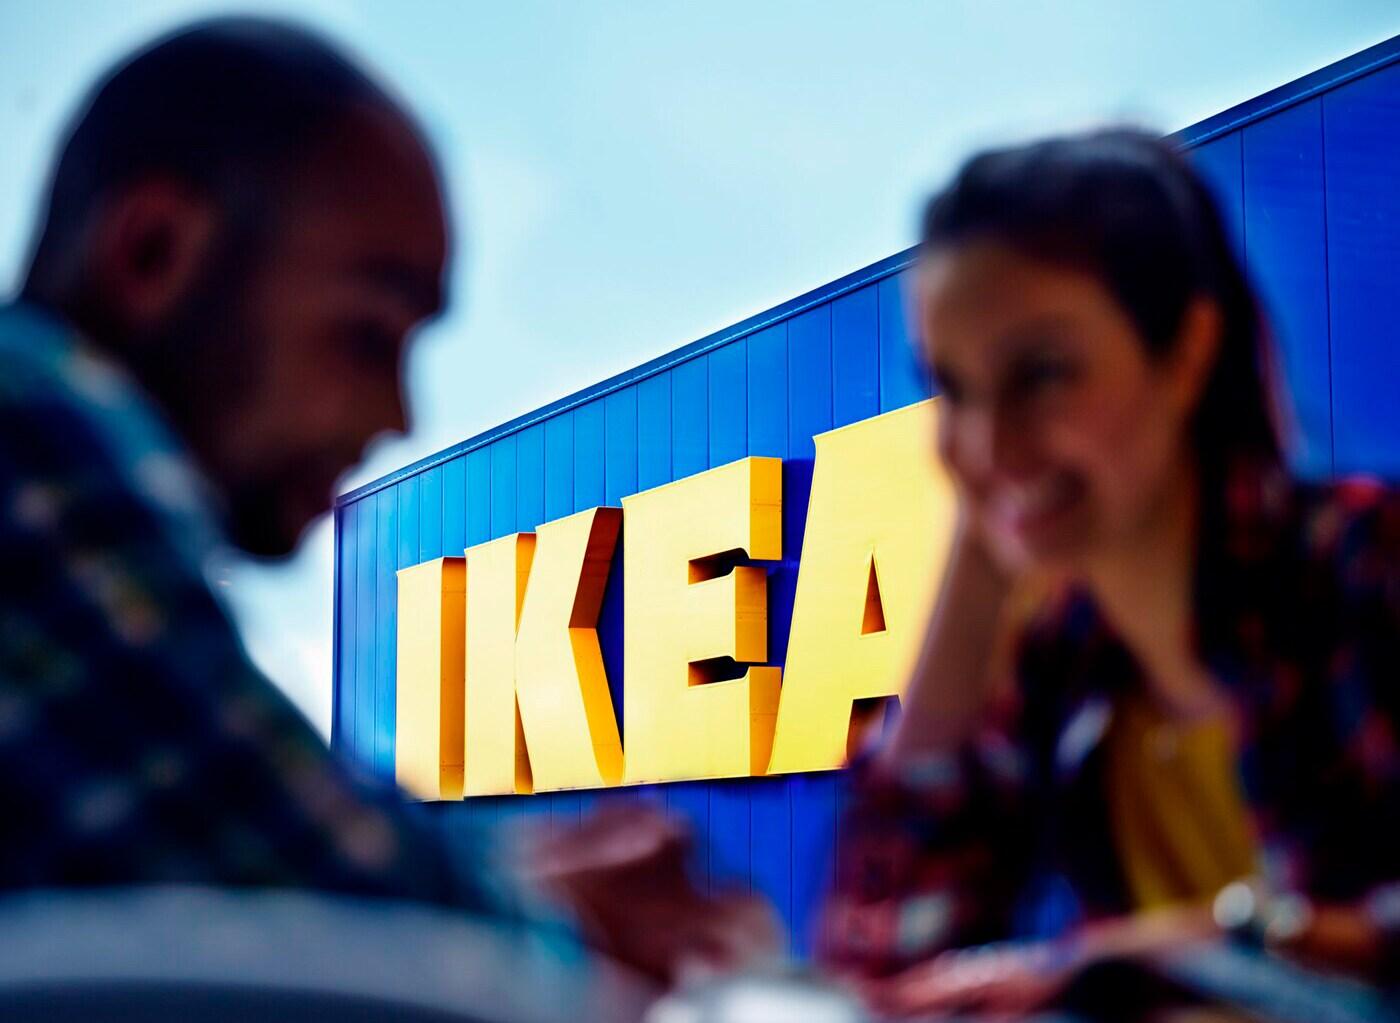 IKEA ble grunnlagt i Älmhult i Sverige, men er i dag et globalt selskap. IKEA-logoen er gul og blå, som det svenske flagget.